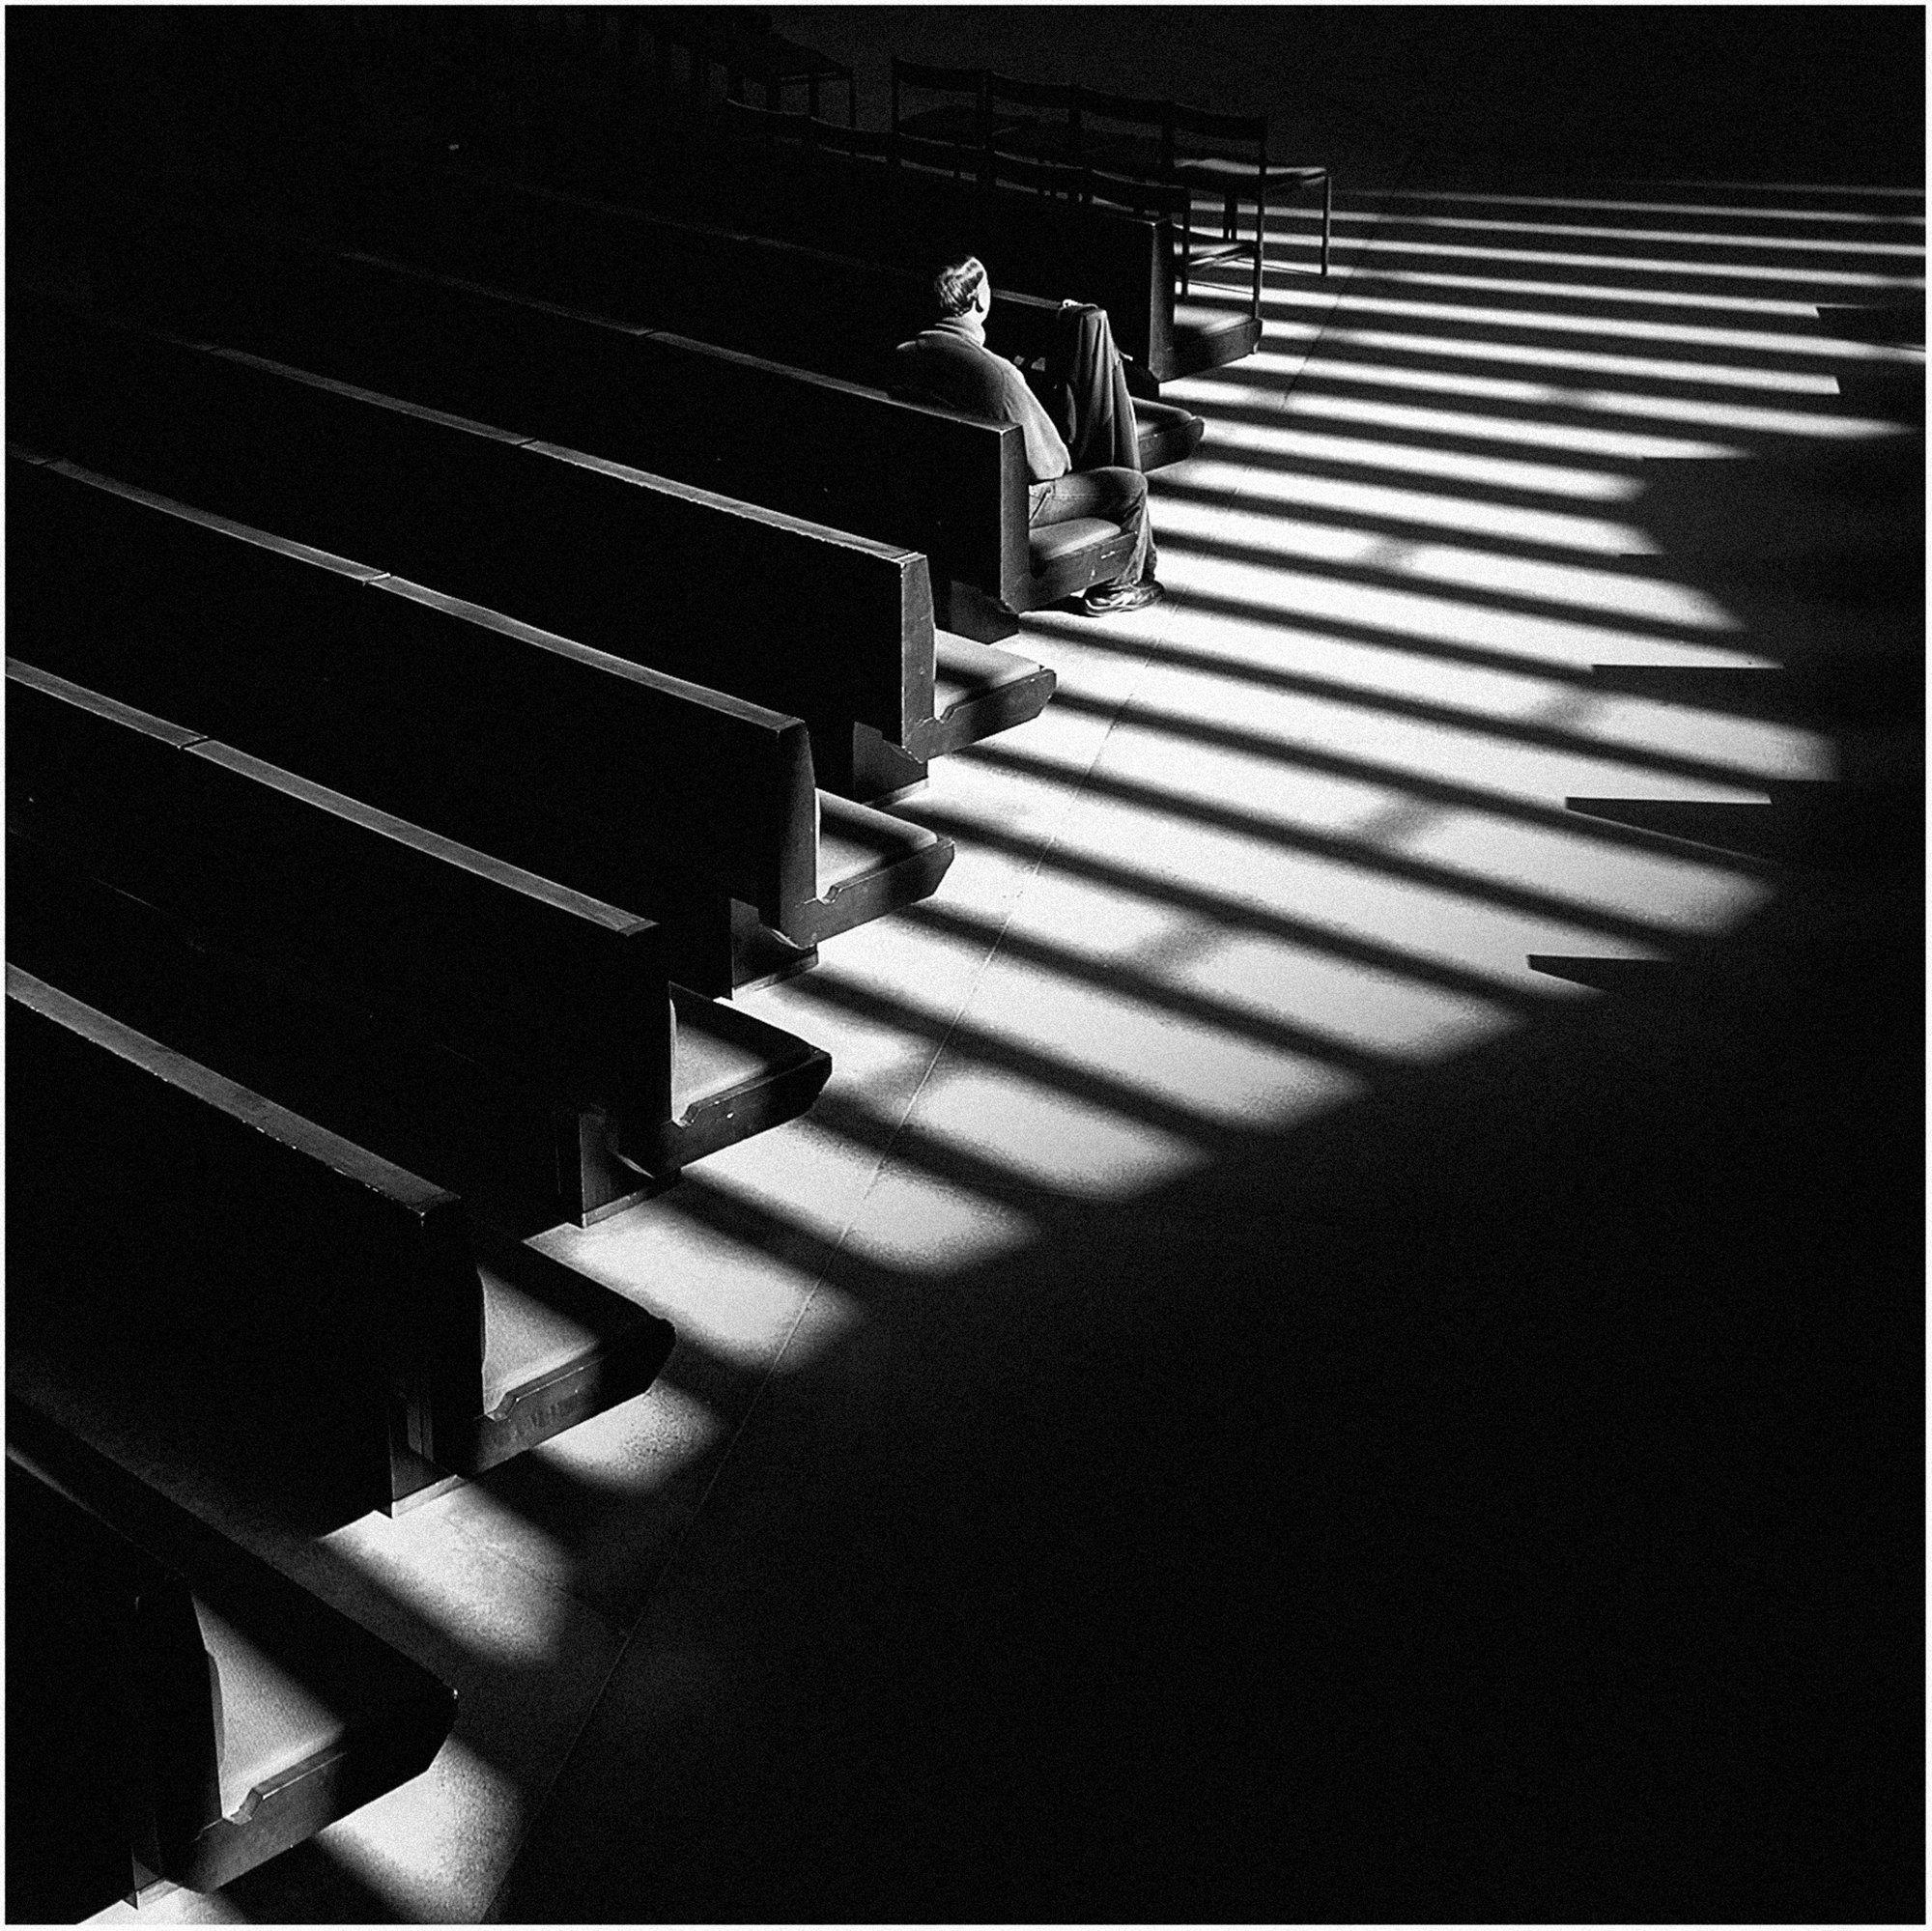 черно-белое, абстракция, клавиши, жизнь, люди, Алексей Черепанов